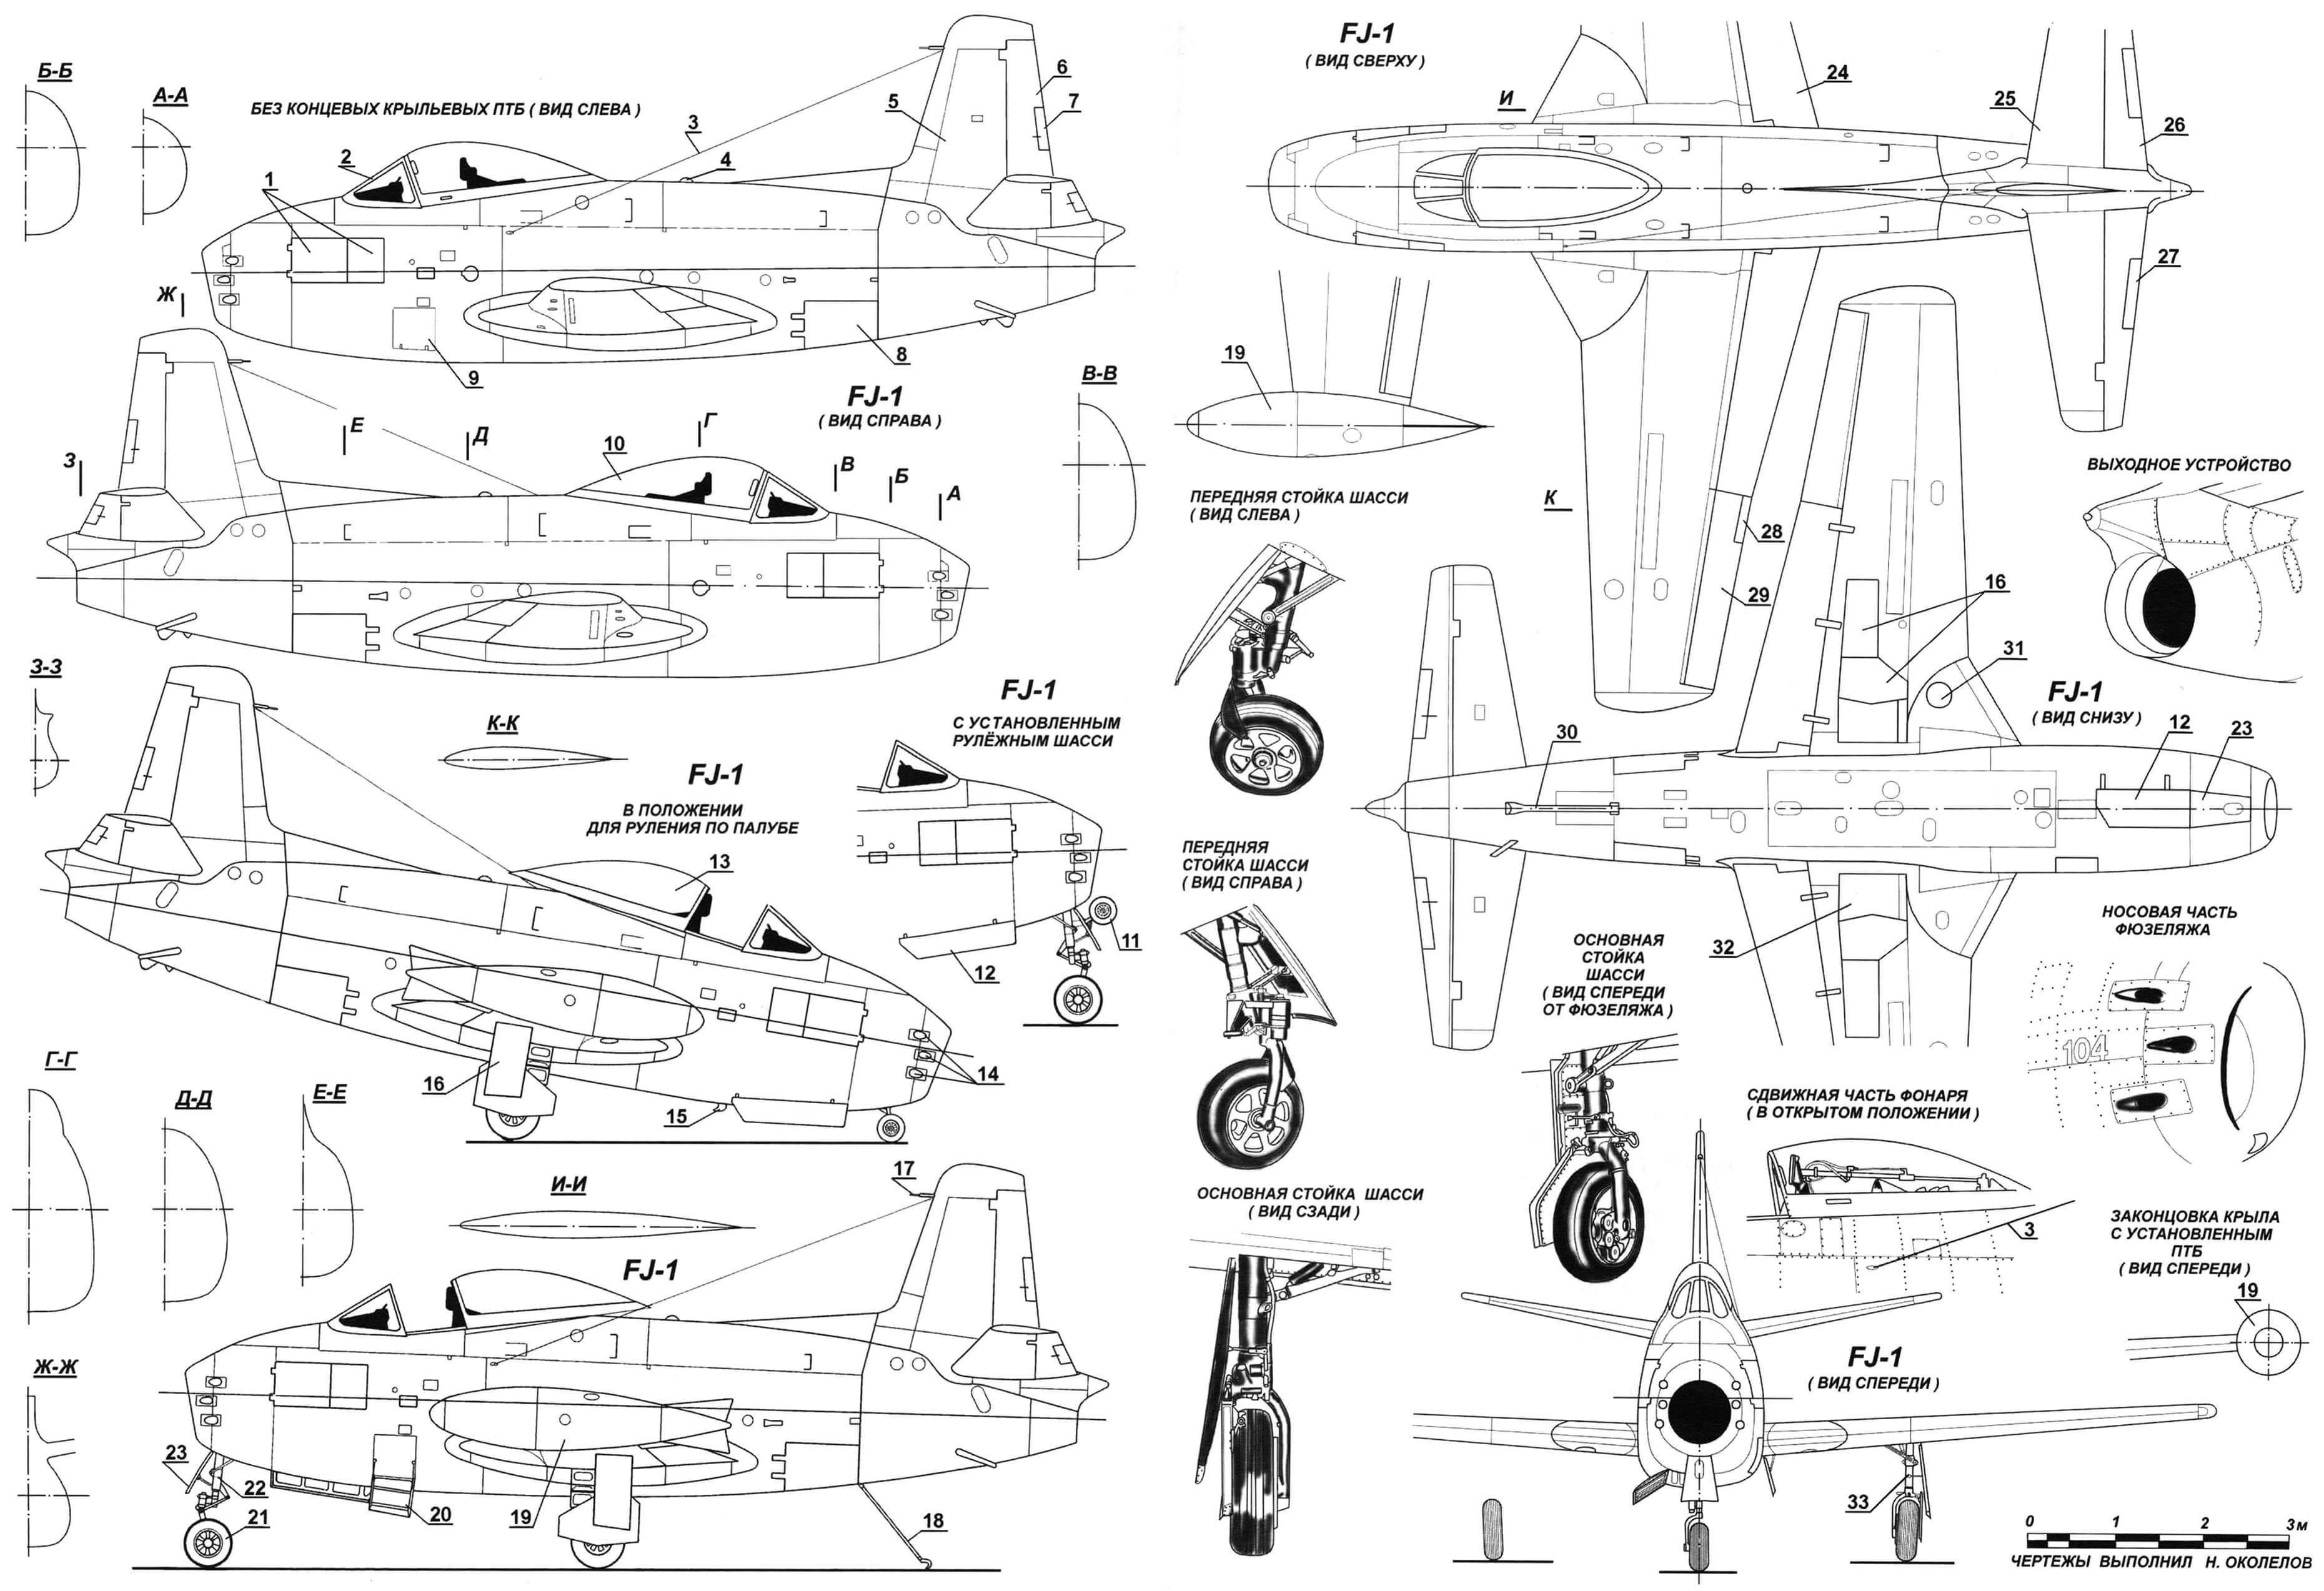 Палубный реактивный истребитель FJ-1 Fury